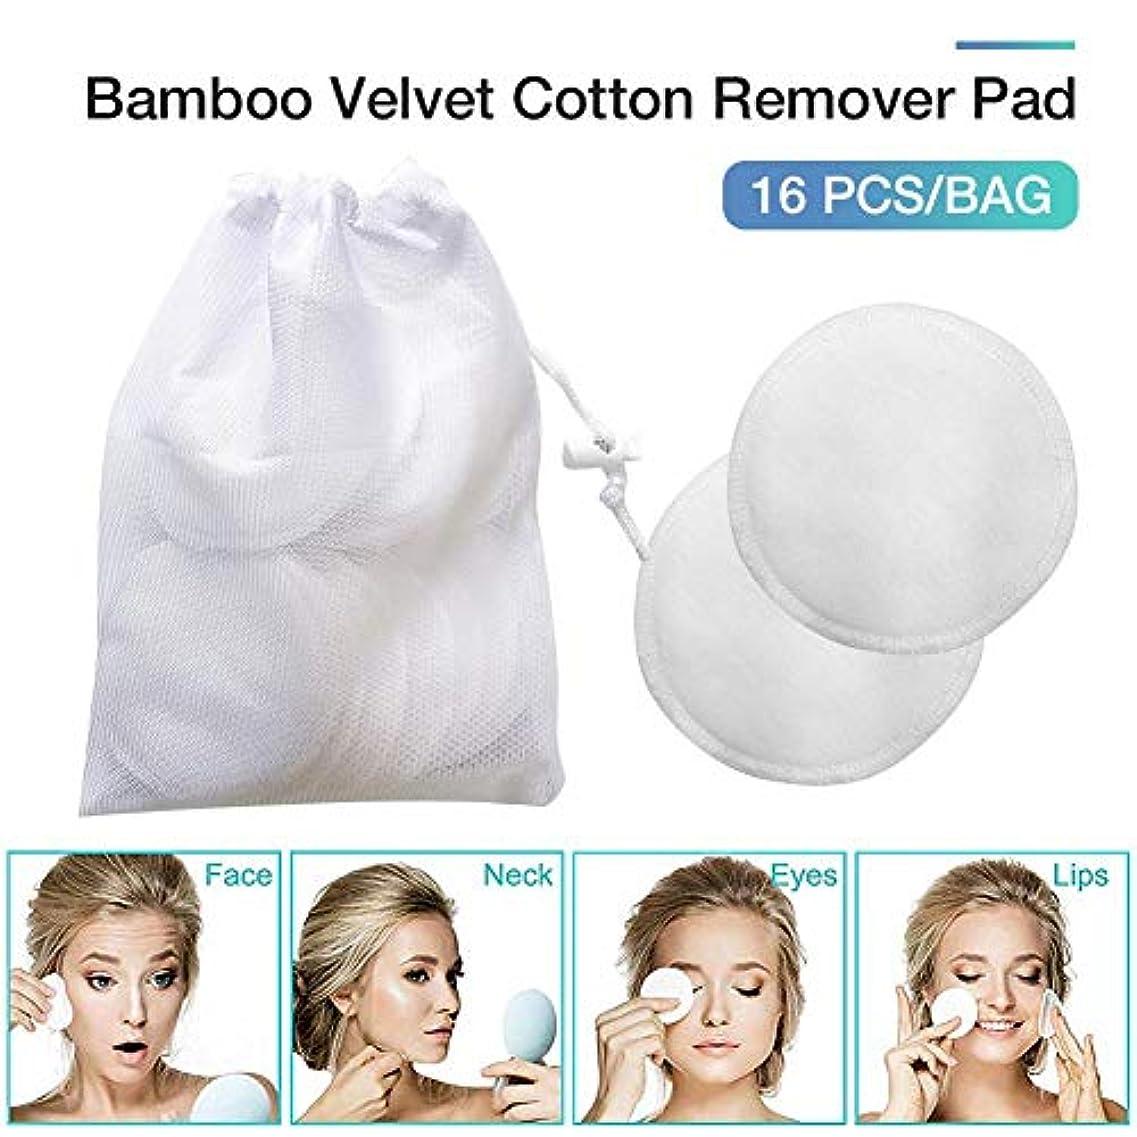 ヨーロッパお手入れ治療Ming-Dian クレンジングパッド、綿のクリーニングパッド再利用可能なメッシュランドリーバッグすべての肌タイプのフェイシャルクレンジング男性と女性